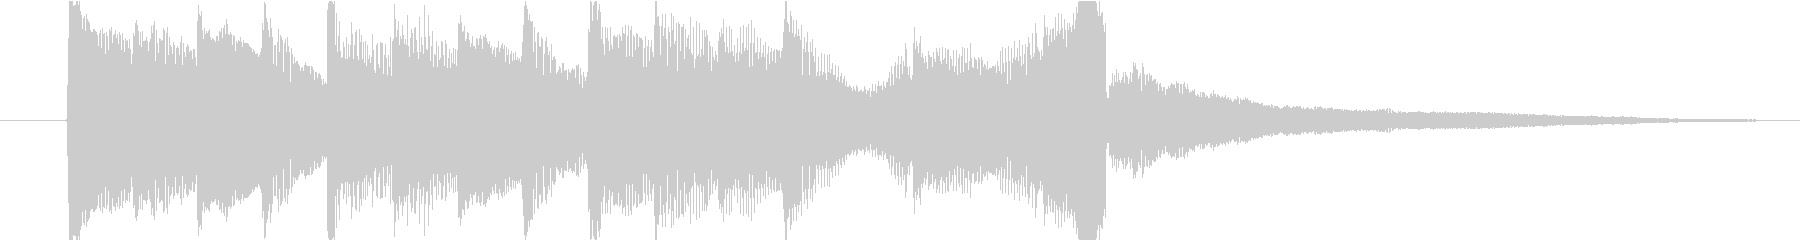 アコギとピアノで奏でるジングル#1の未再生の波形